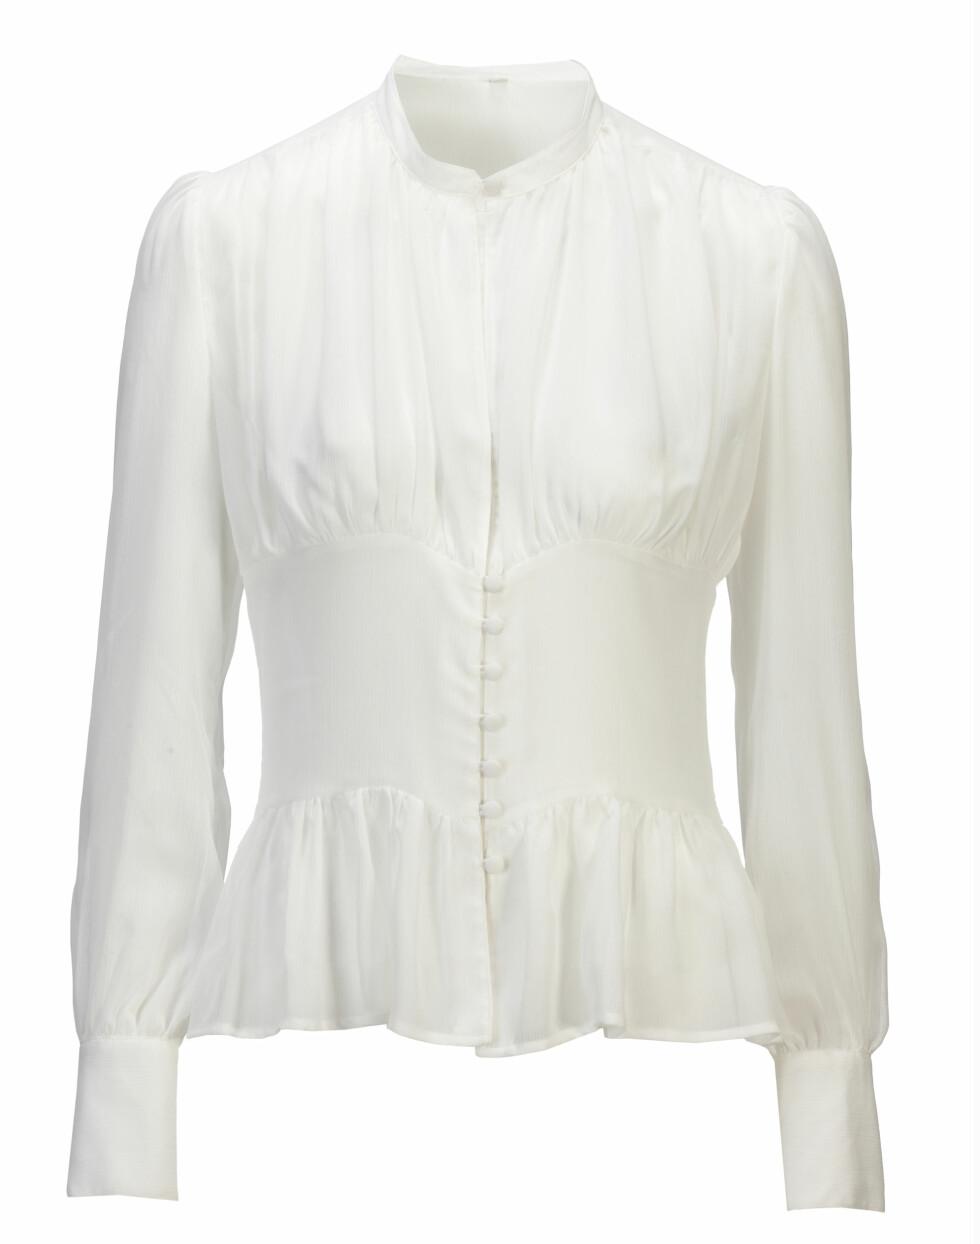 Feminin bluse (kr.299). Foto: Produsenten